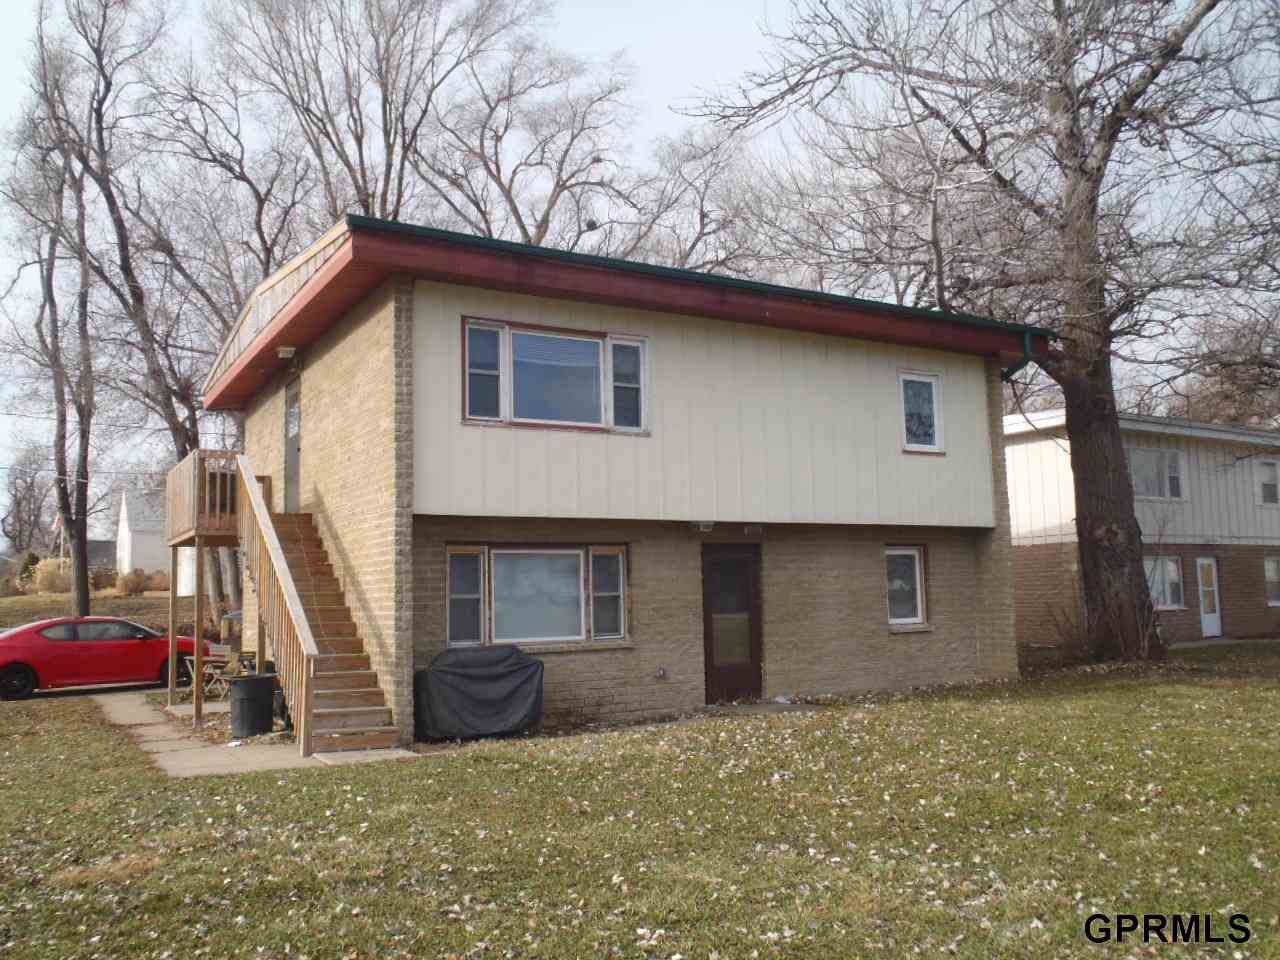 Rental Homes for Rent, ListingId:31004126, location: 2612 Wayne St Bellevue 68005